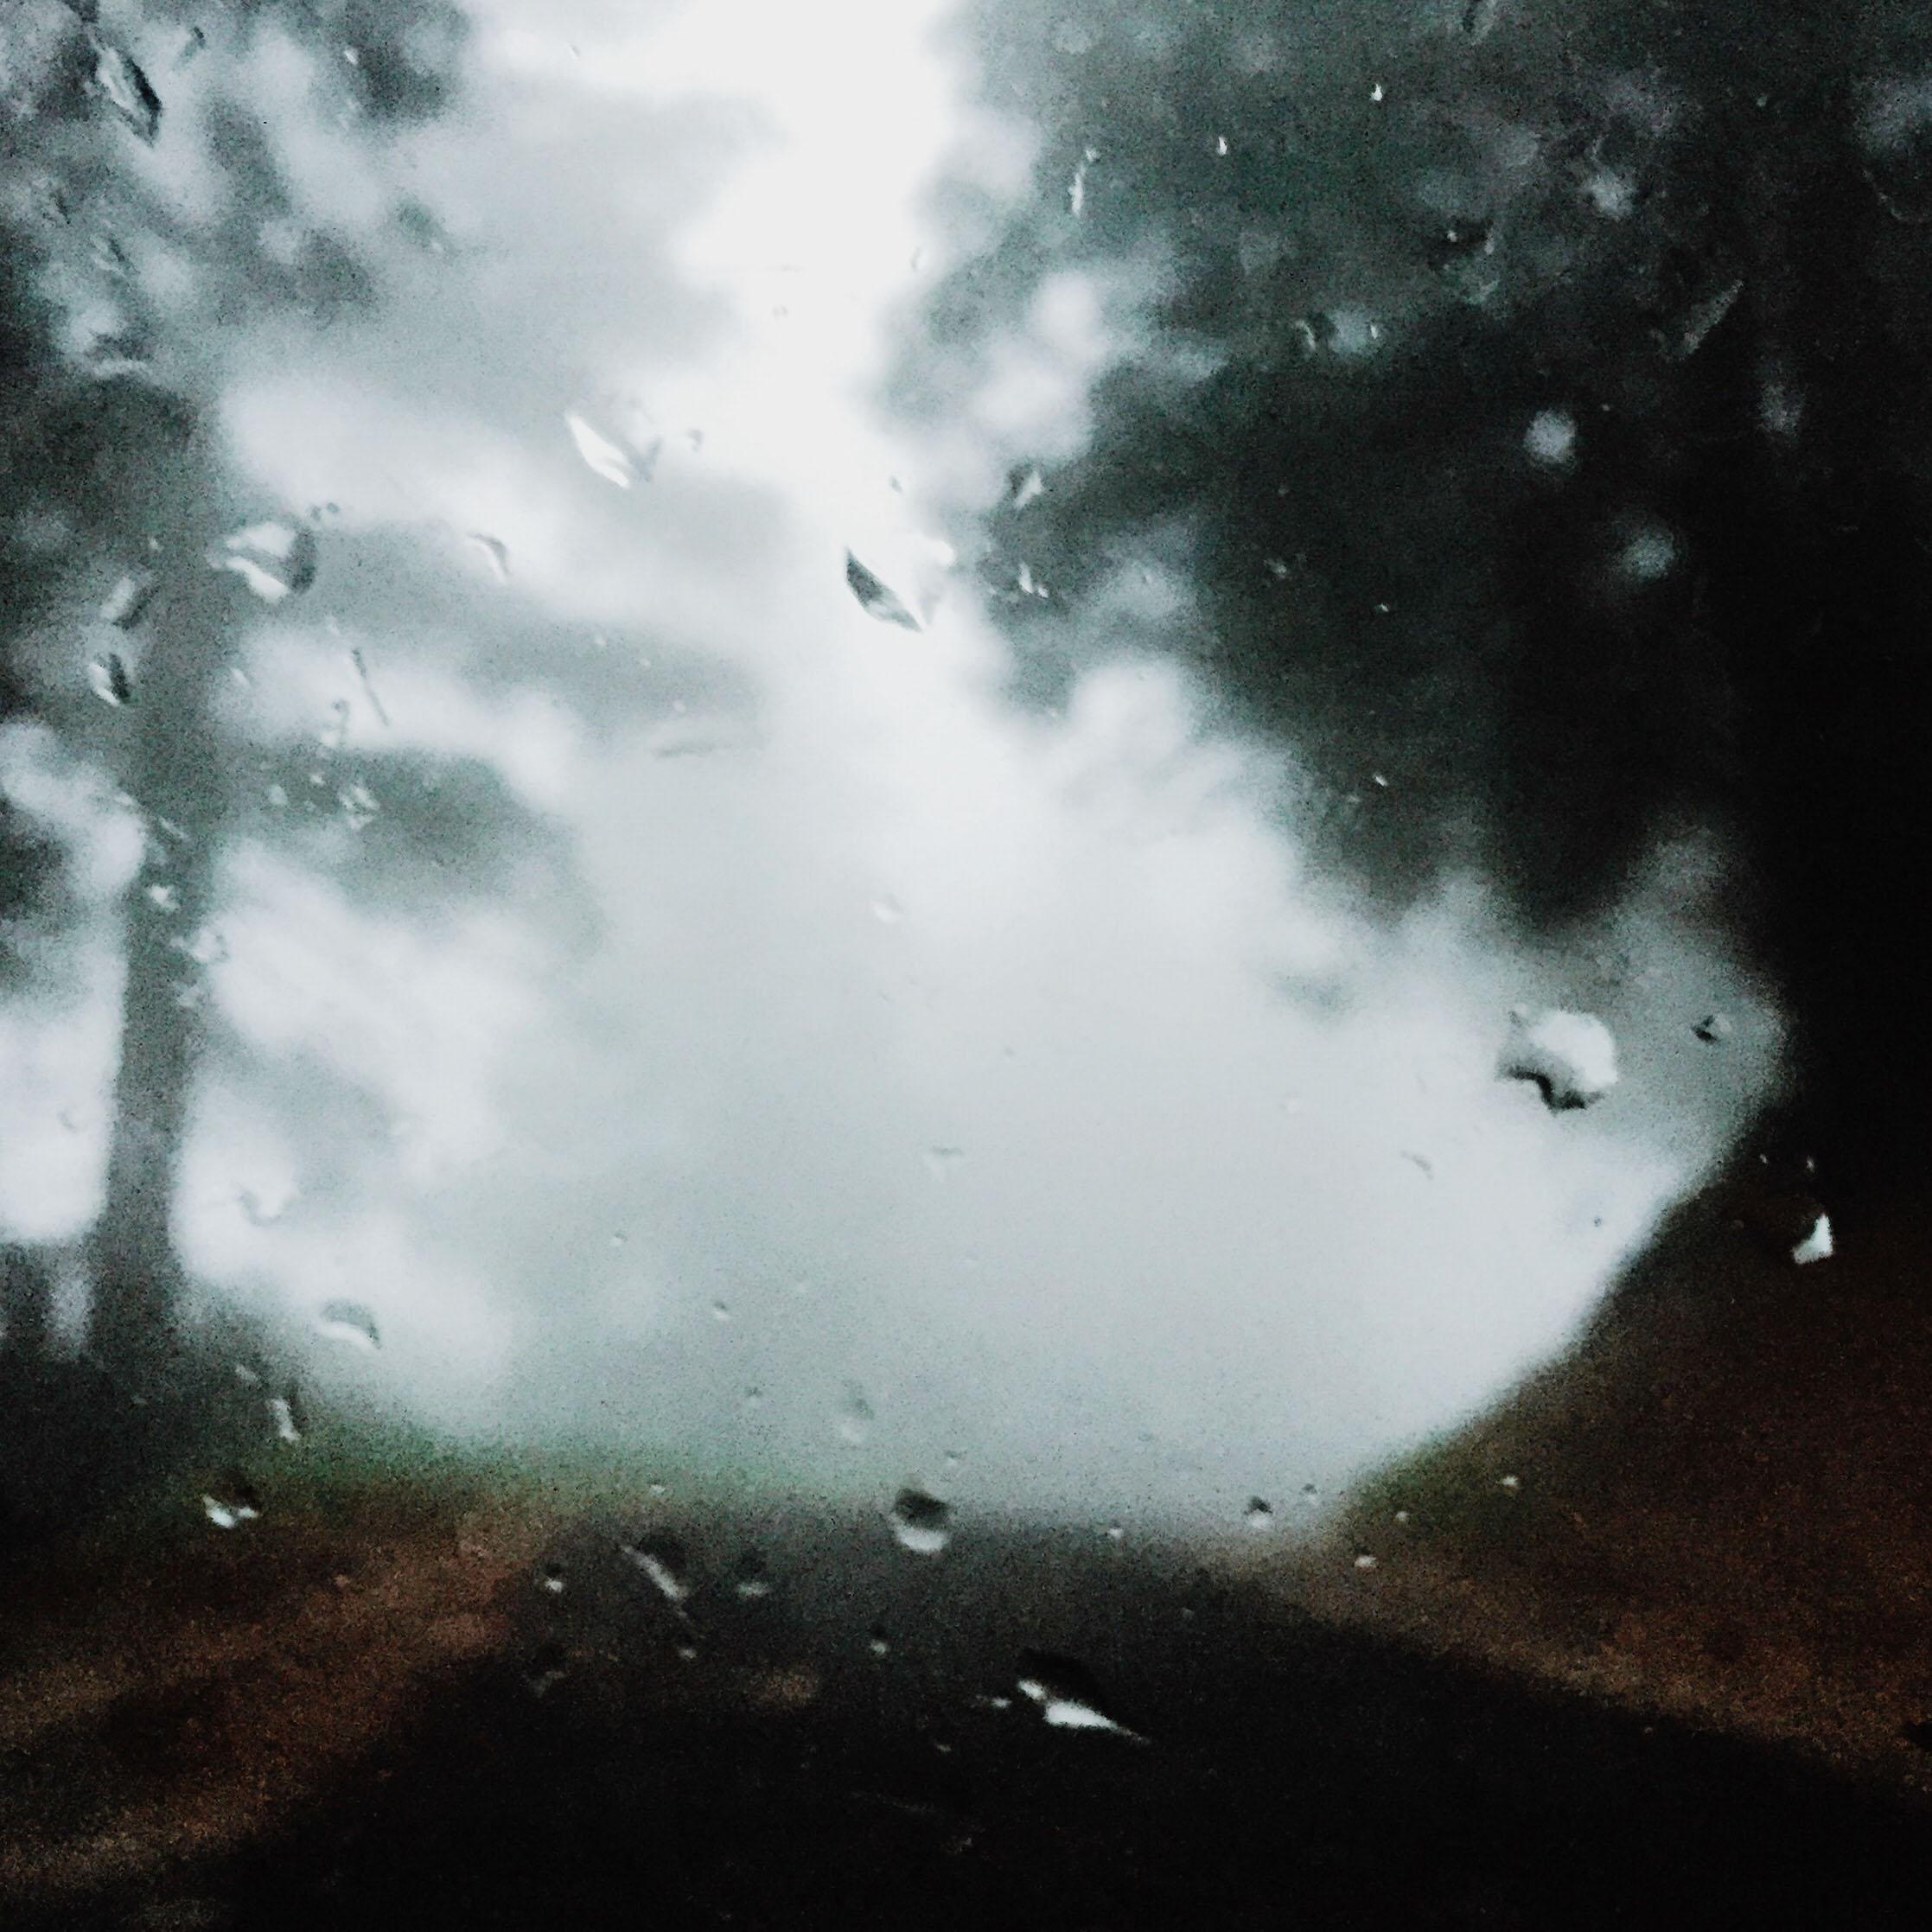 Foggy rainy window | Katch Silva